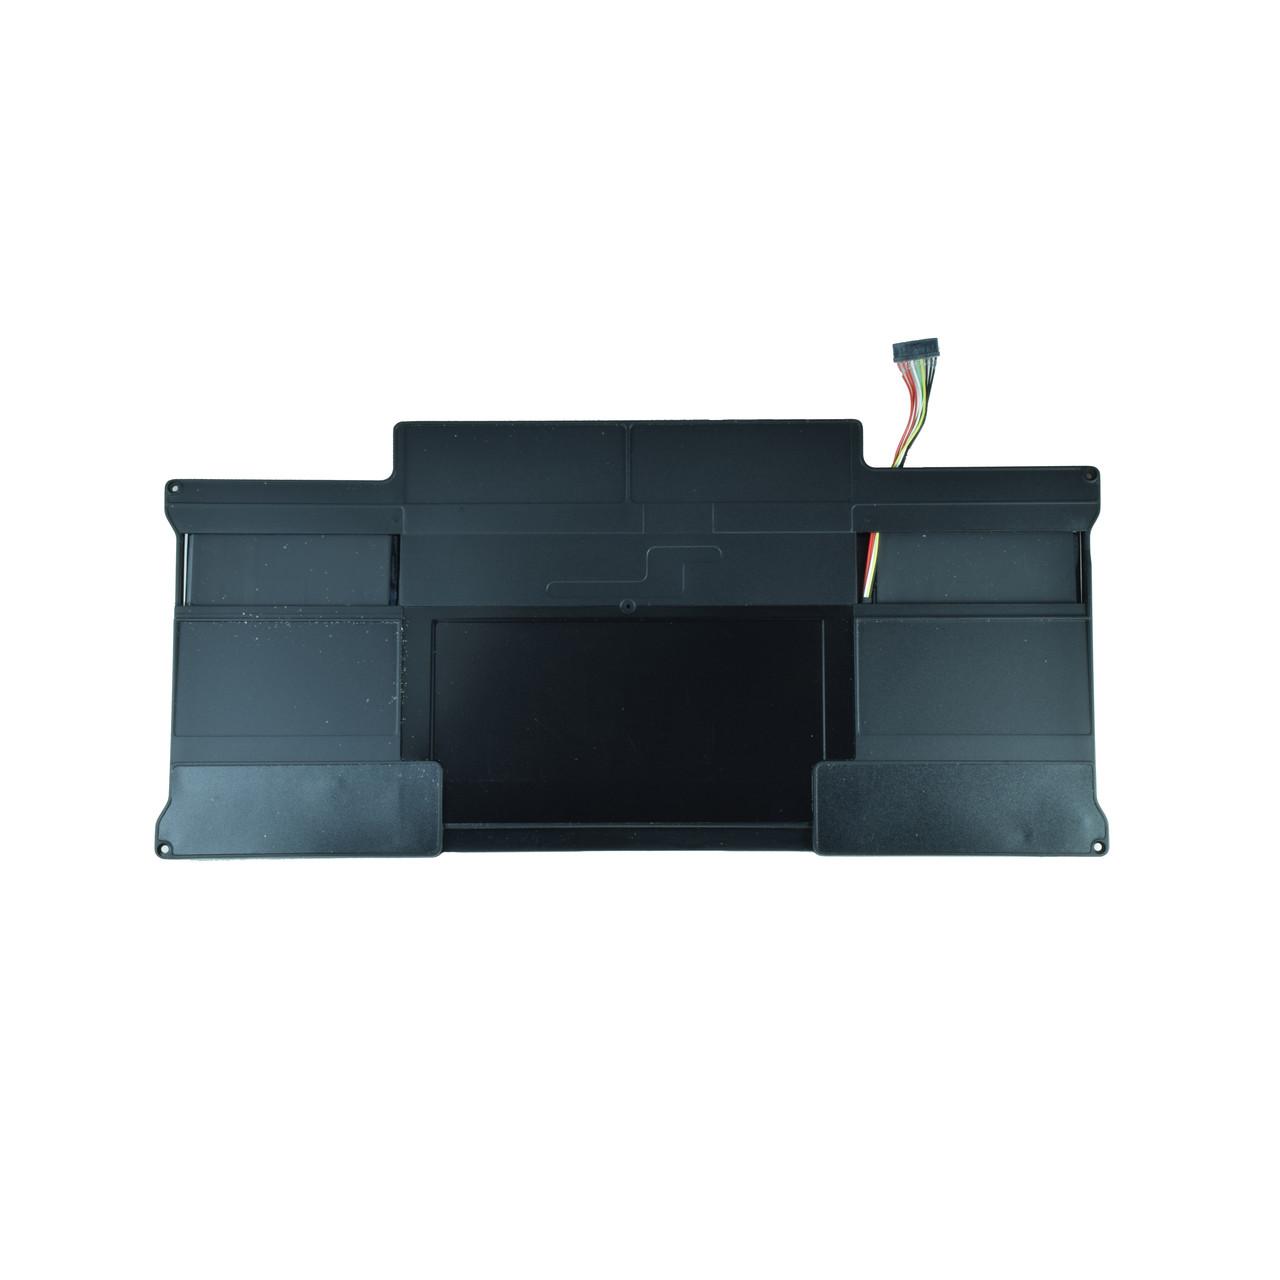 Батарея для ноутбука APPLE A1405 Macbook Air 13 Core i5 Core i7 Macbook Air 13.3